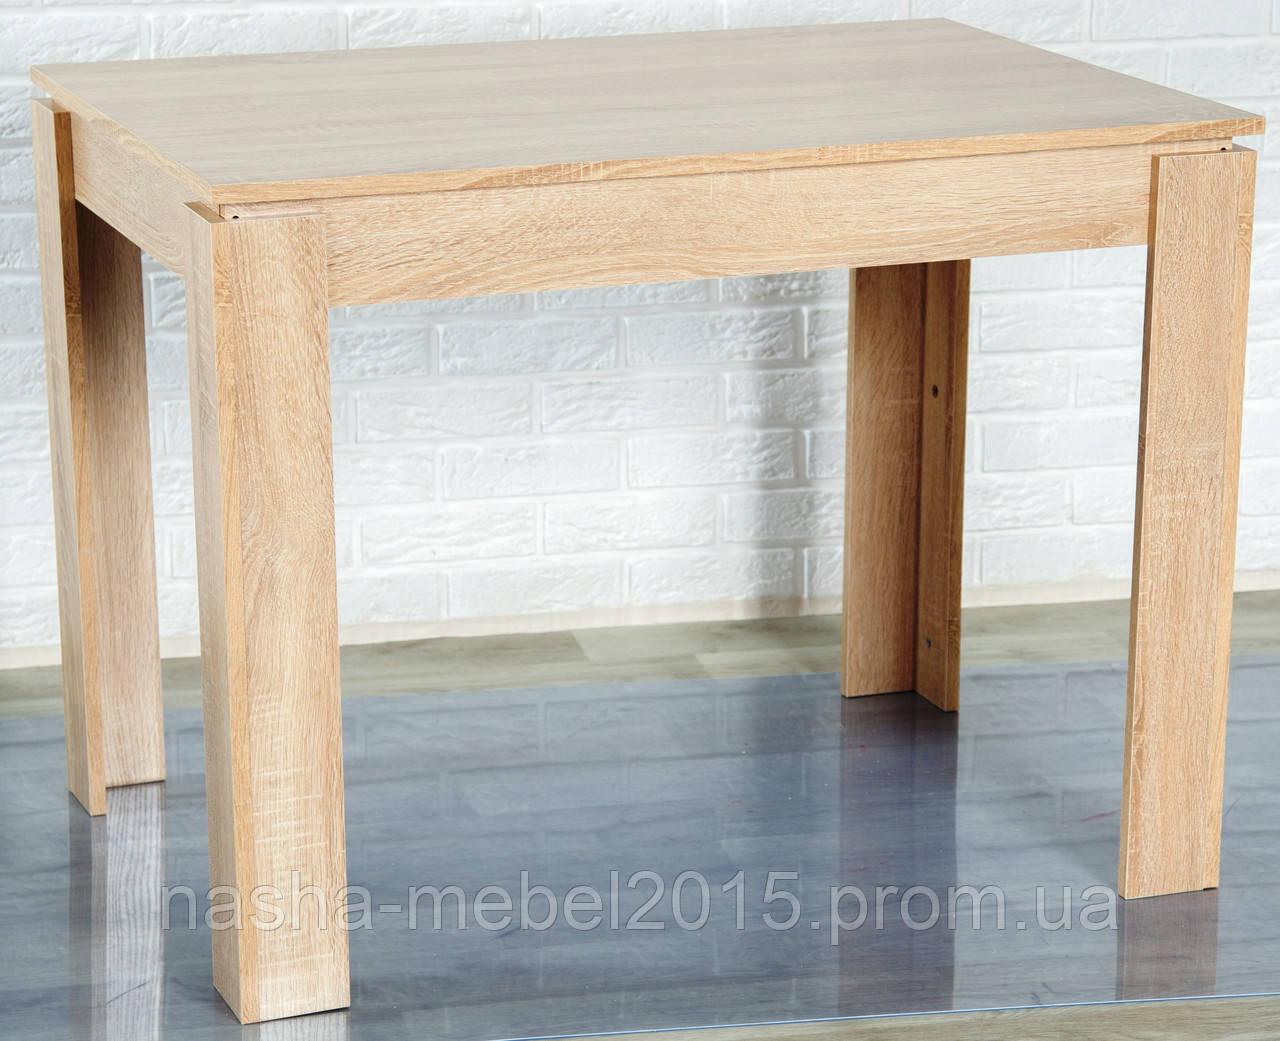 Стол обеденный кухонный Андервуд 140х85